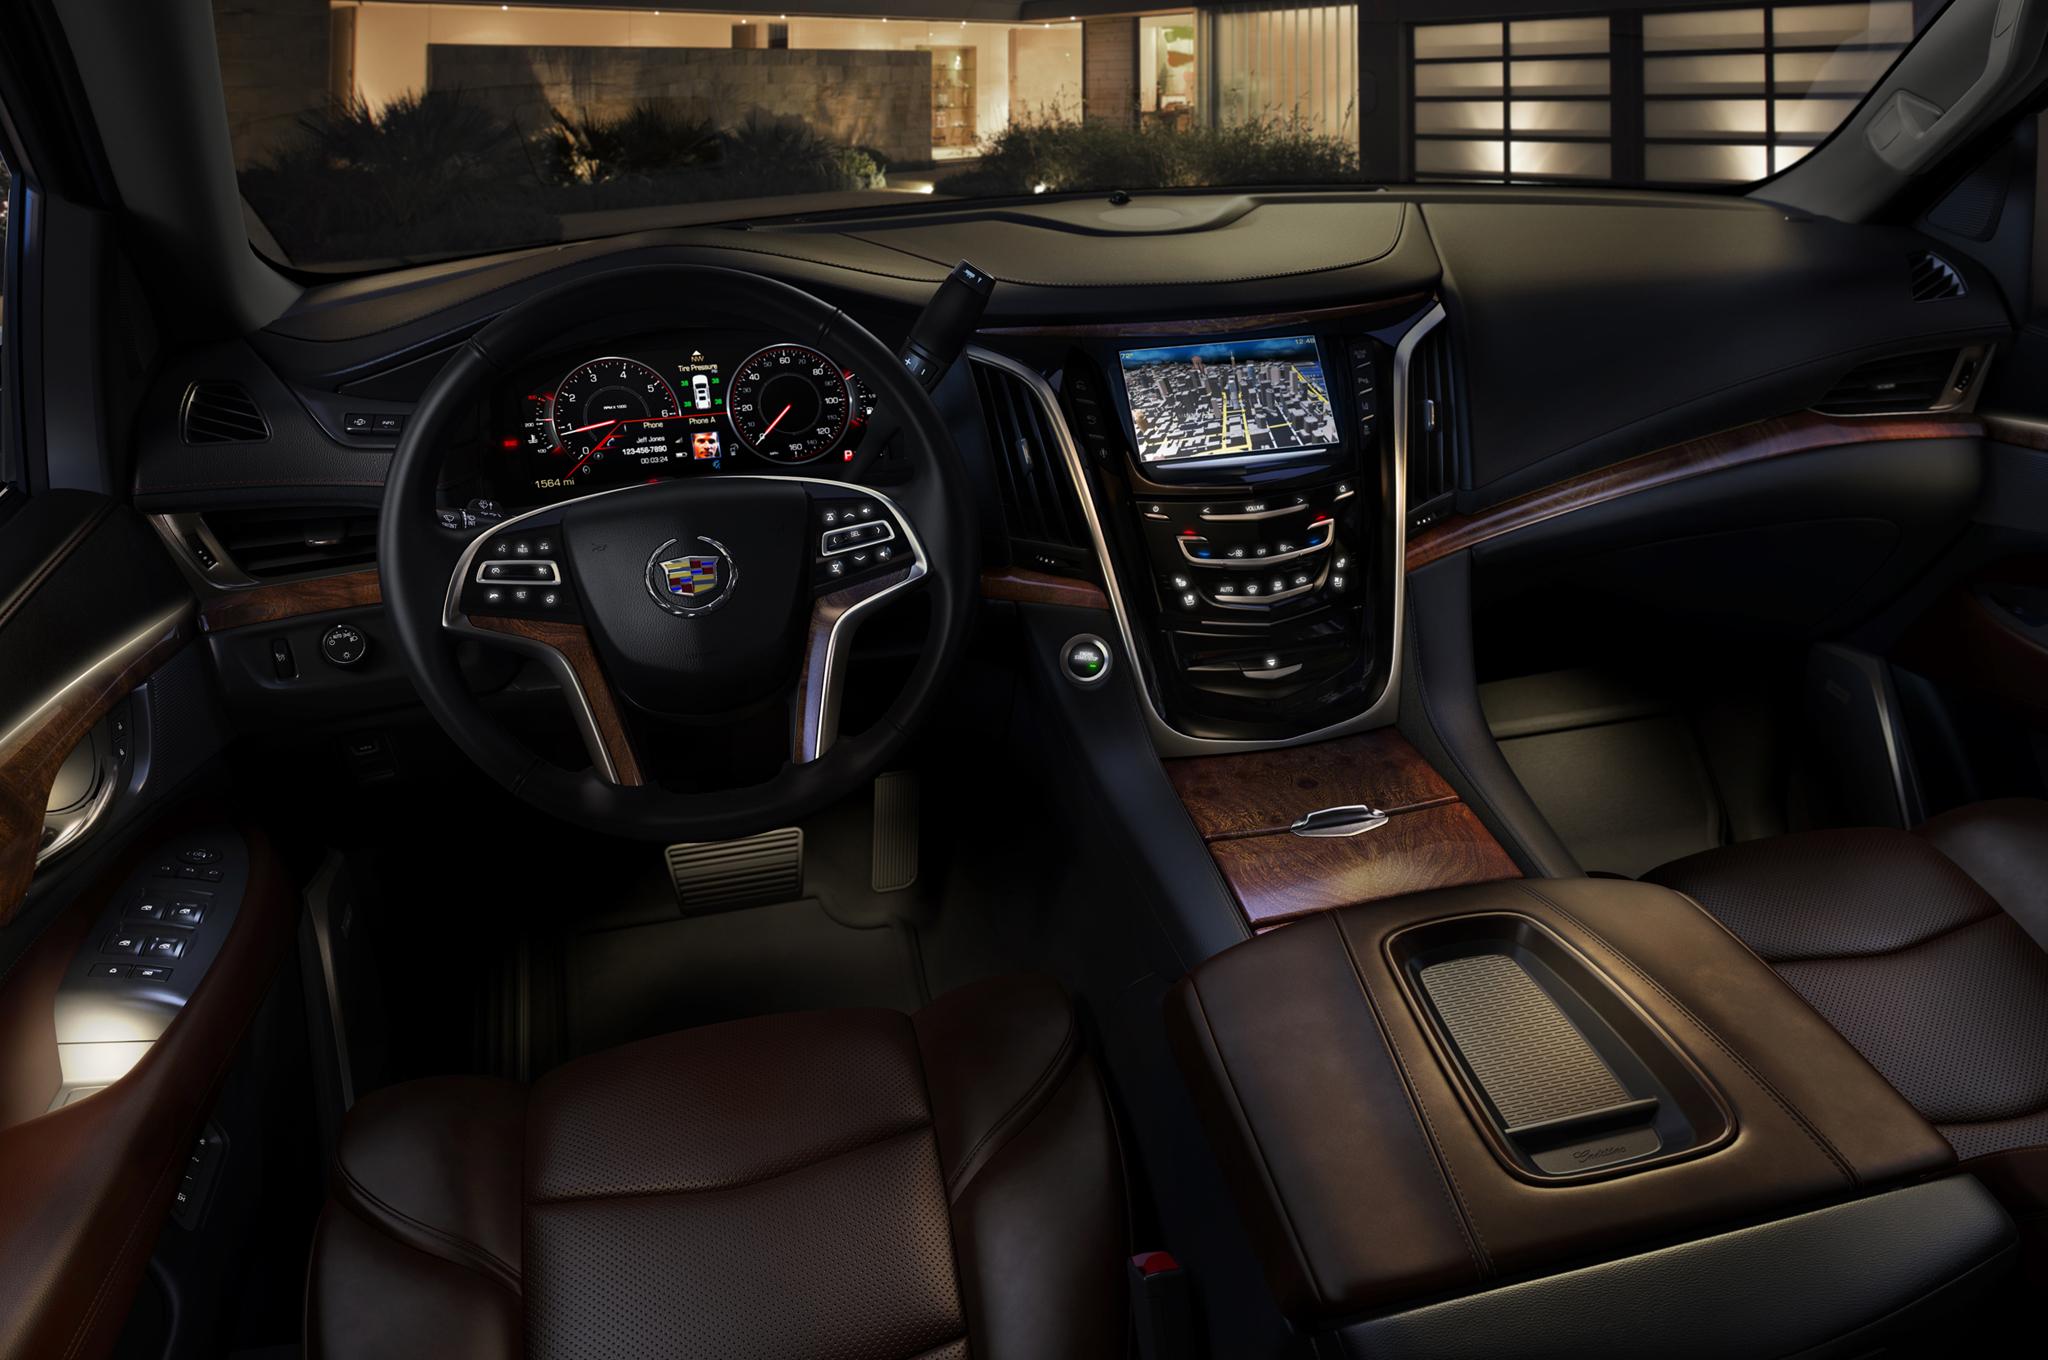 2015-Cadillac-Escalade-dash